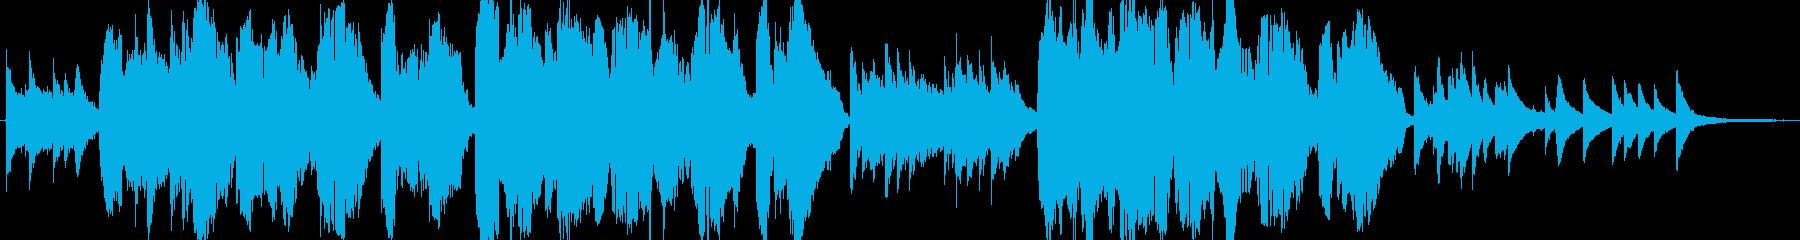 【生演奏】コルネット_感動_懐かしさの再生済みの波形